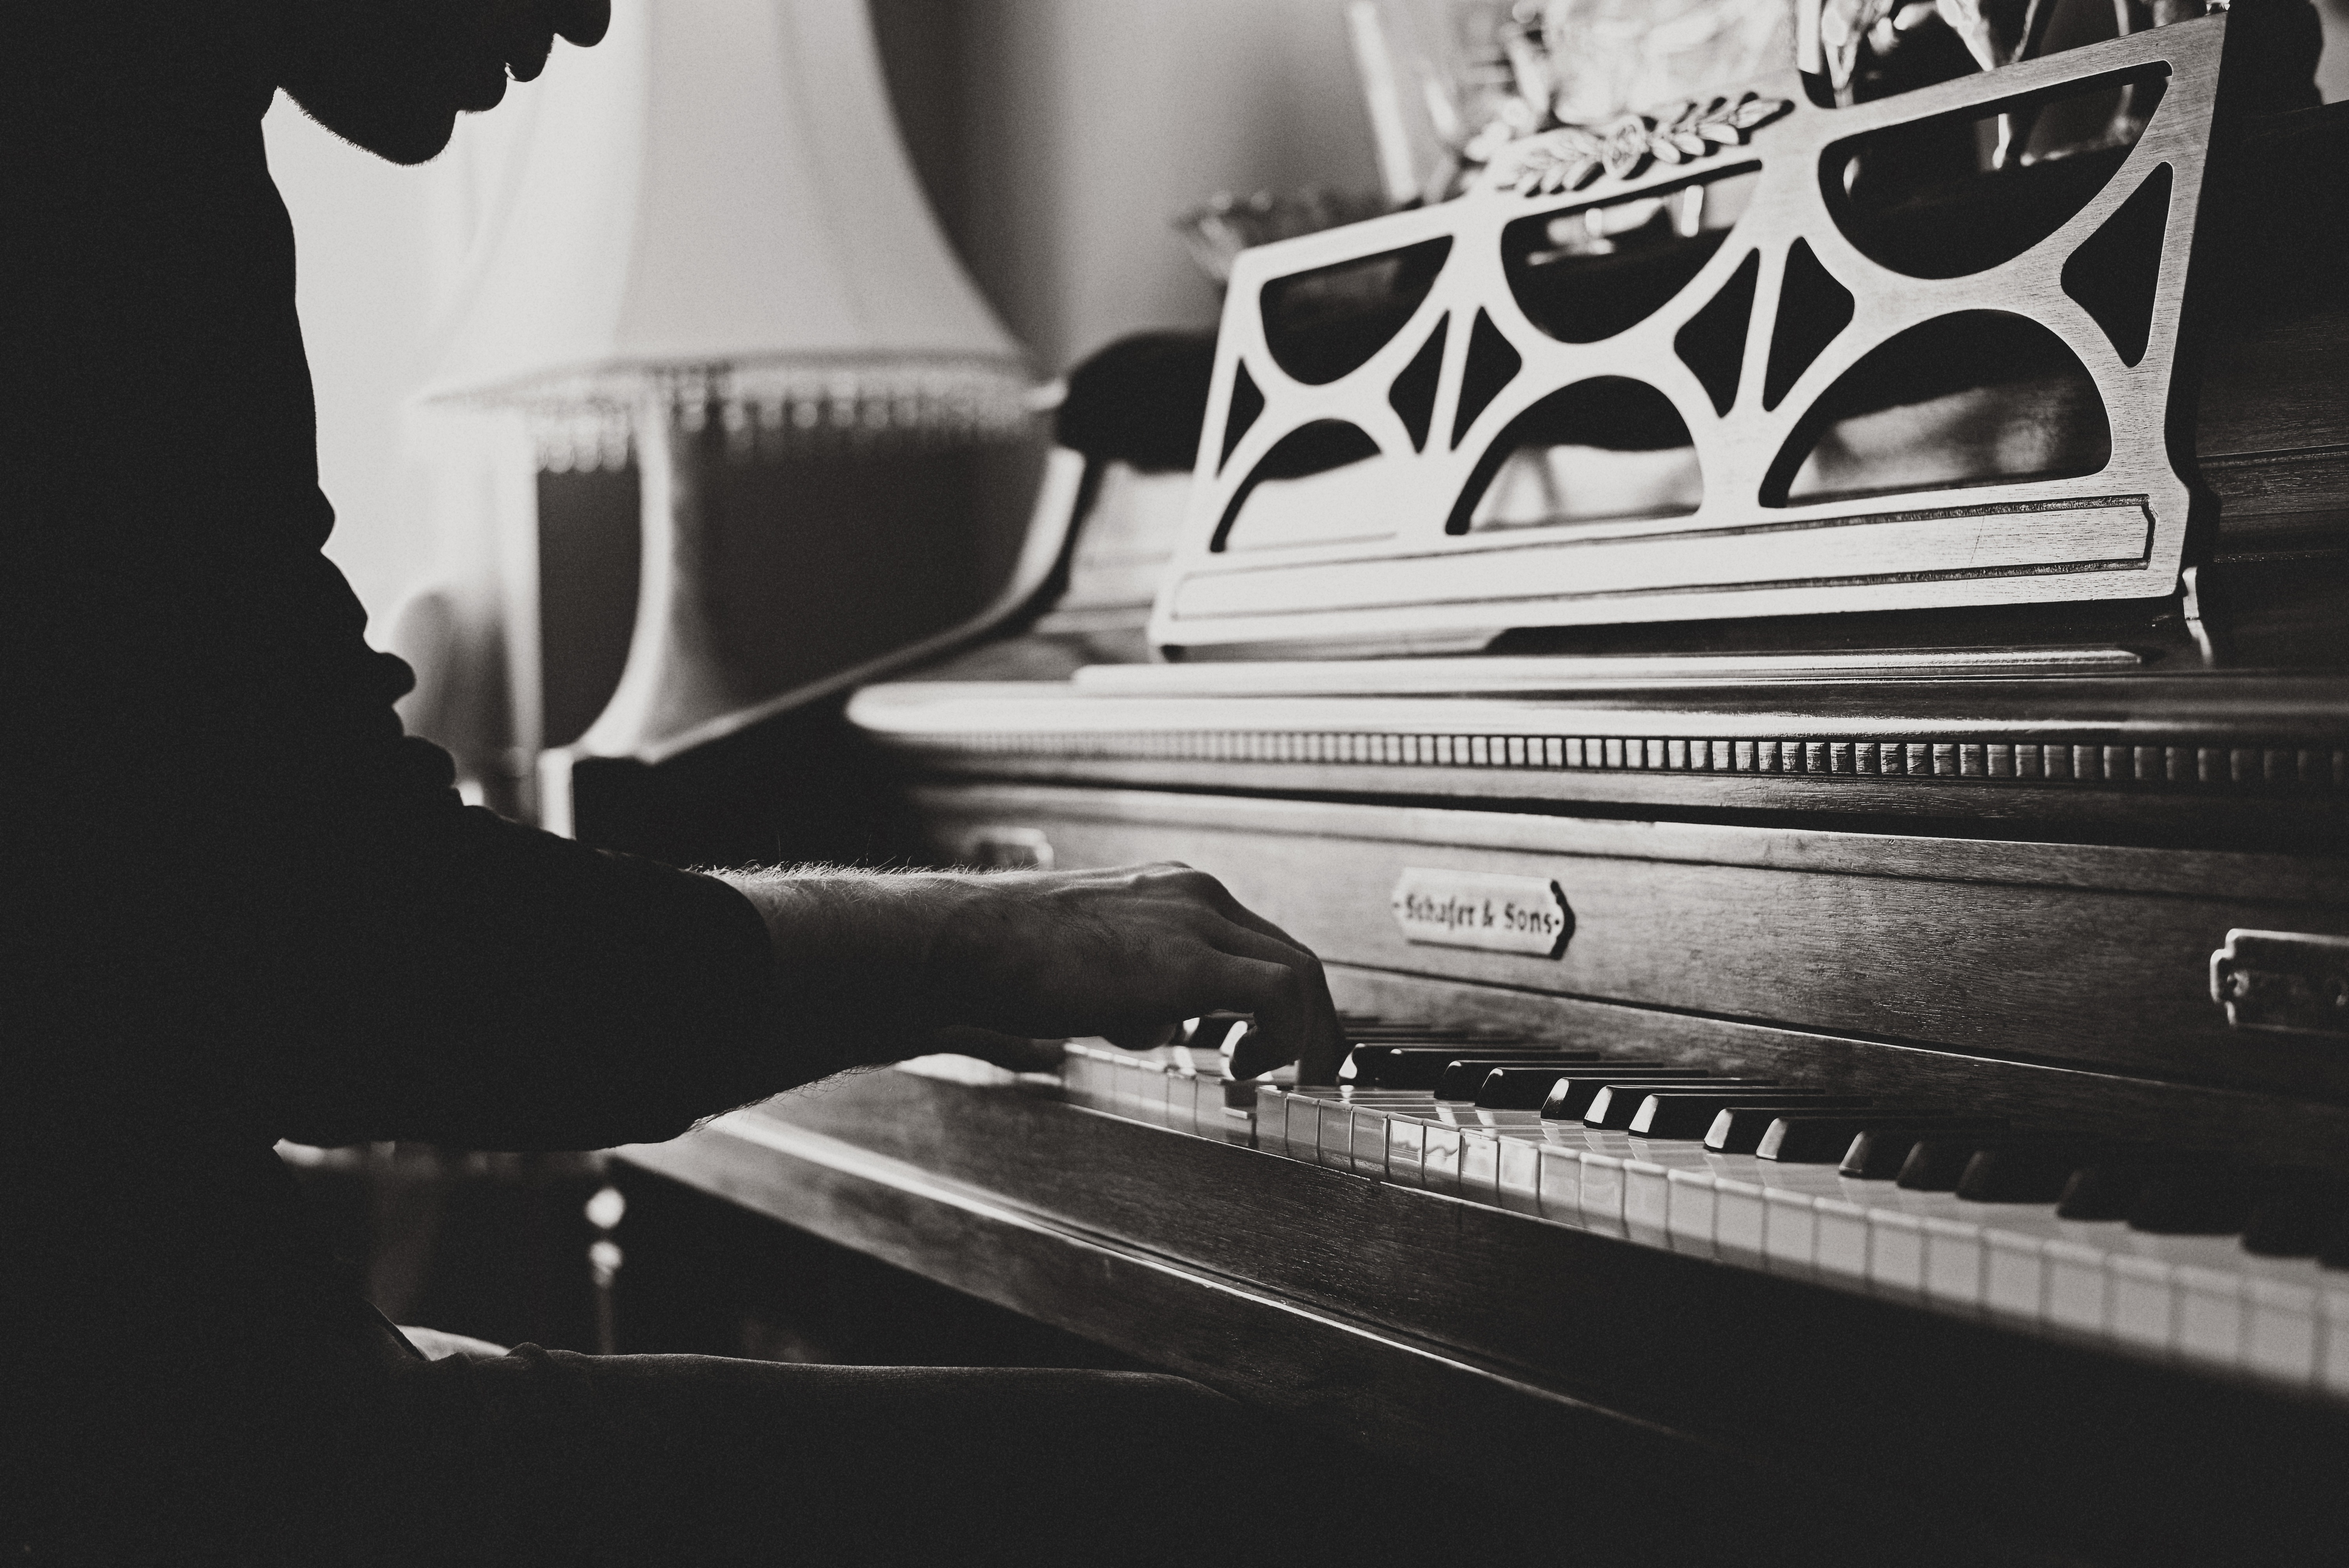 96964 Hintergrundbild herunterladen Musik, Klavier, Jahrgang, Vintage, Hände, Bw, Chb - Bildschirmschoner und Bilder kostenlos